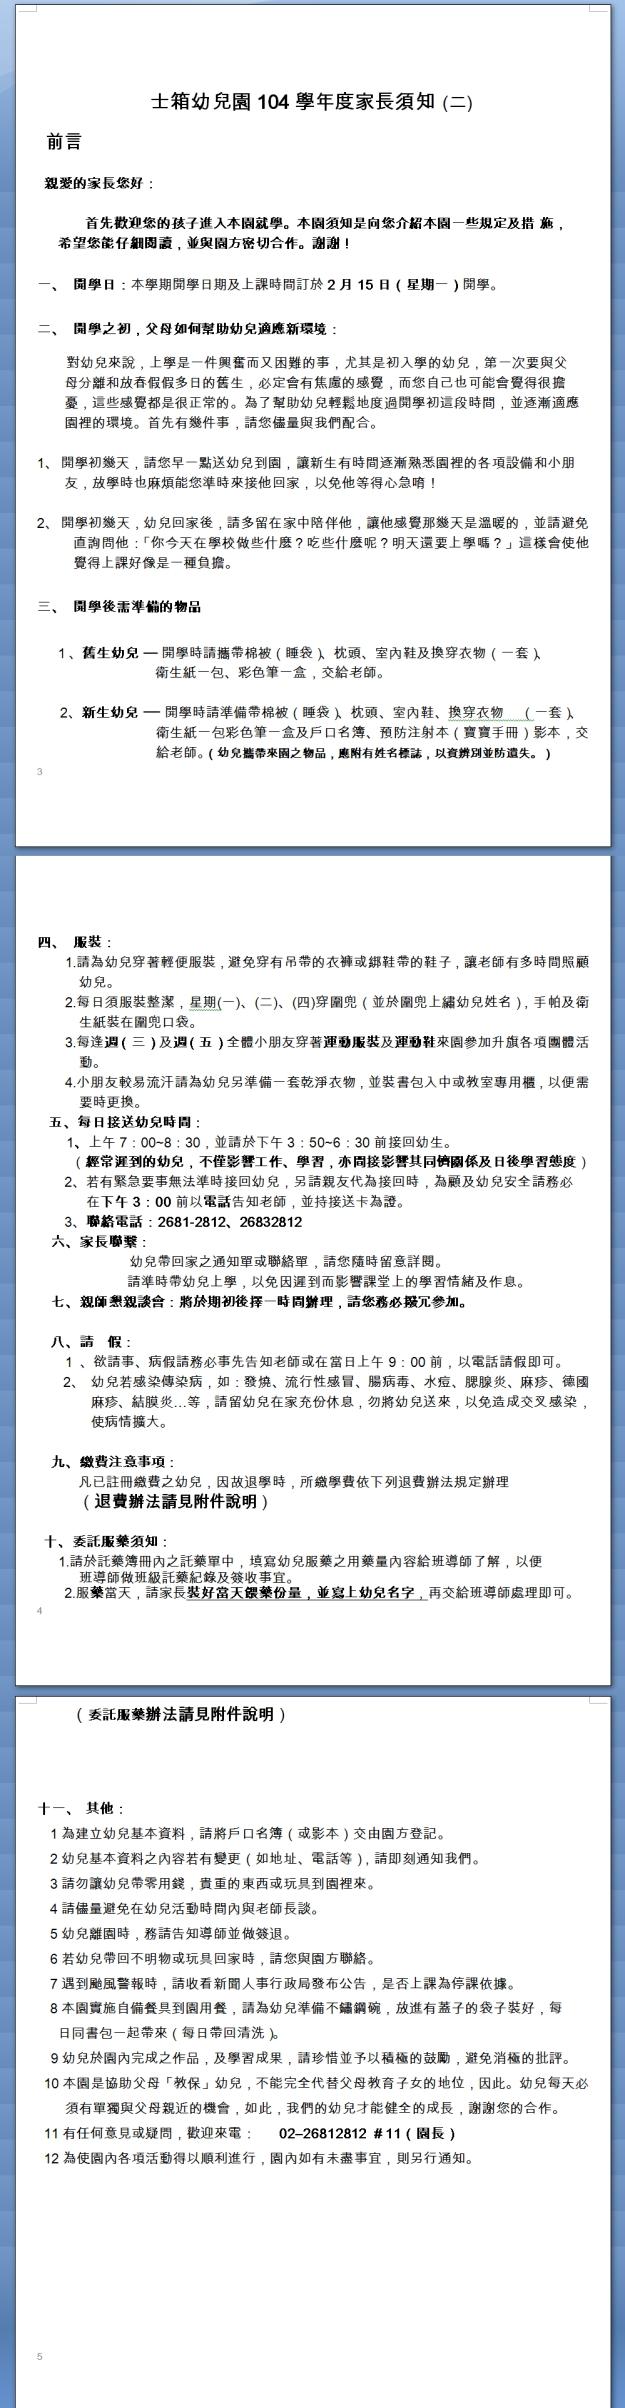 2.士箱幼兒園104學年度家長須知 (二).JPG